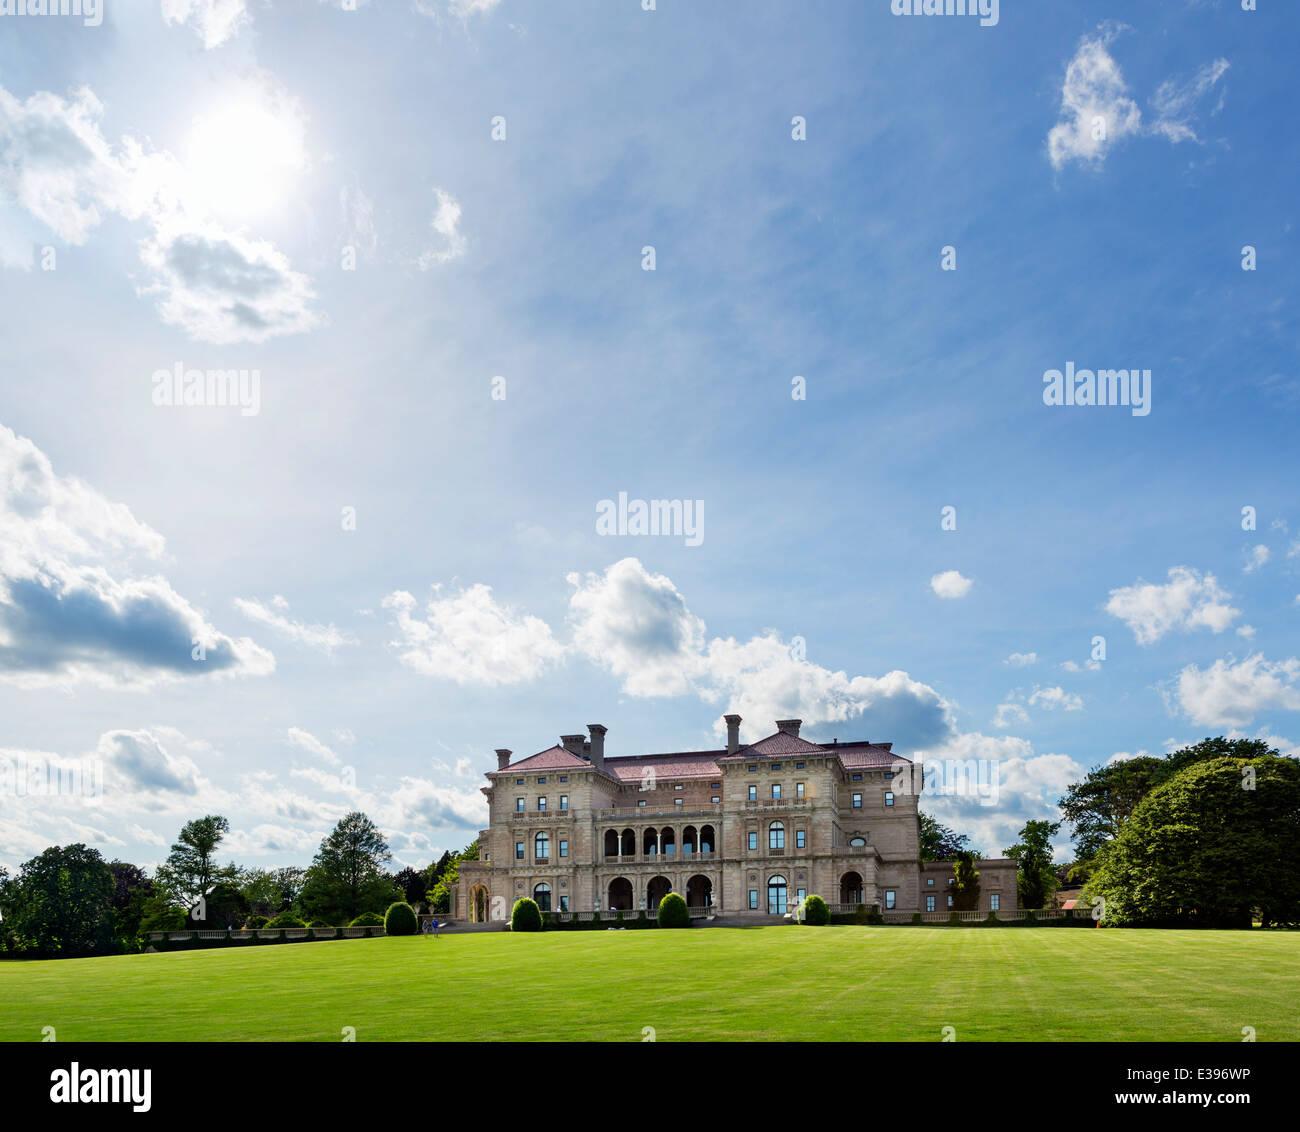 El Breakers, mansión histórica y la casa de verano de Cornelius Vanderbilt II, en Newport, Rhode Island, Imagen De Stock